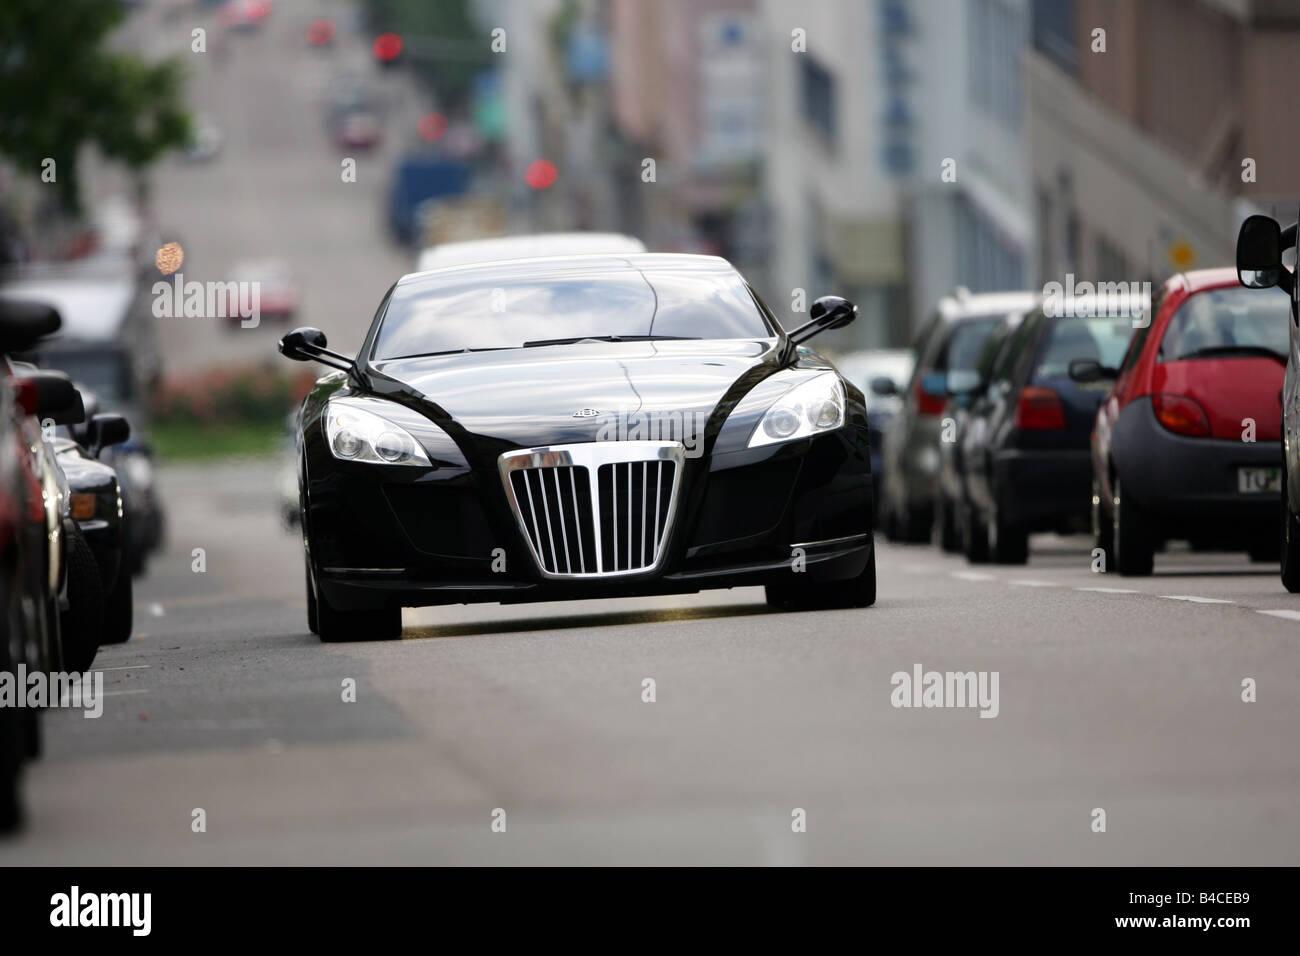 maybach car stockfotos & maybach car bilder - seite 3 - alamy